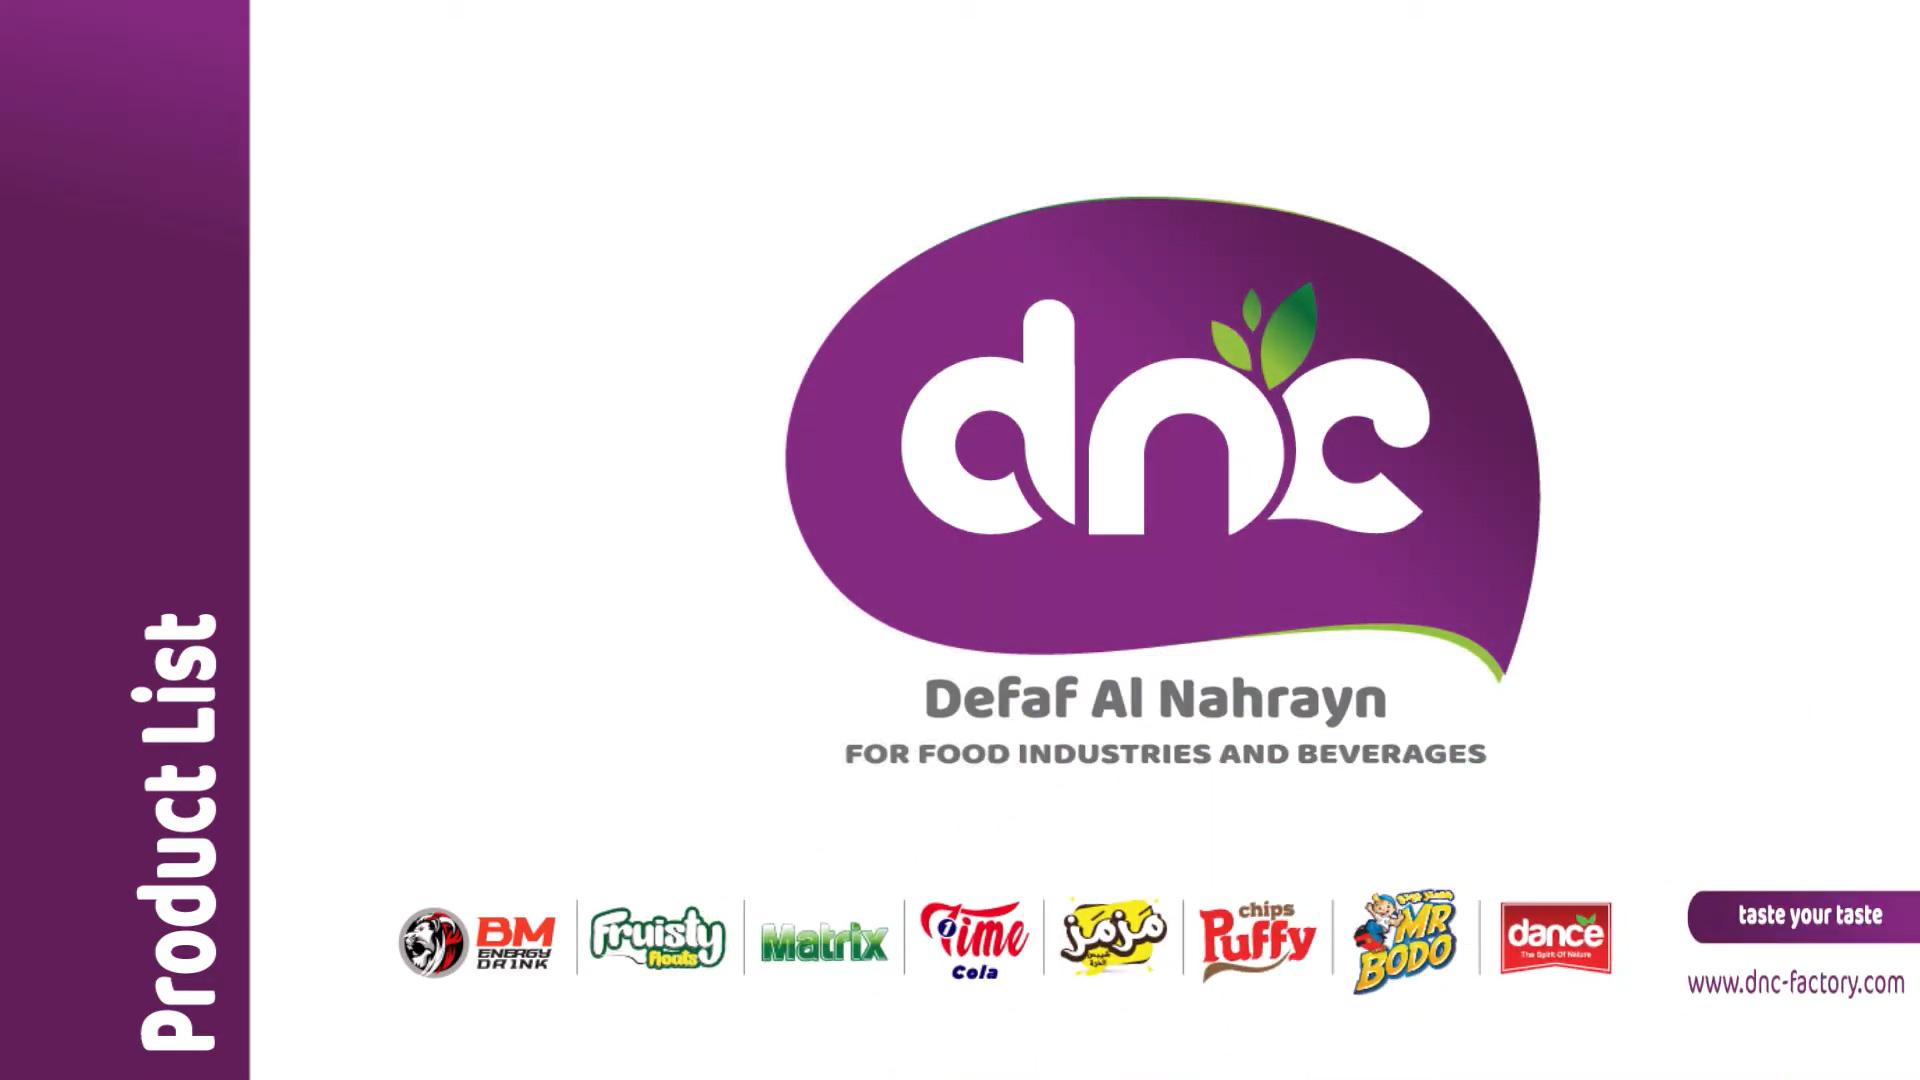 Defaf Al Nahrayn Proudct List